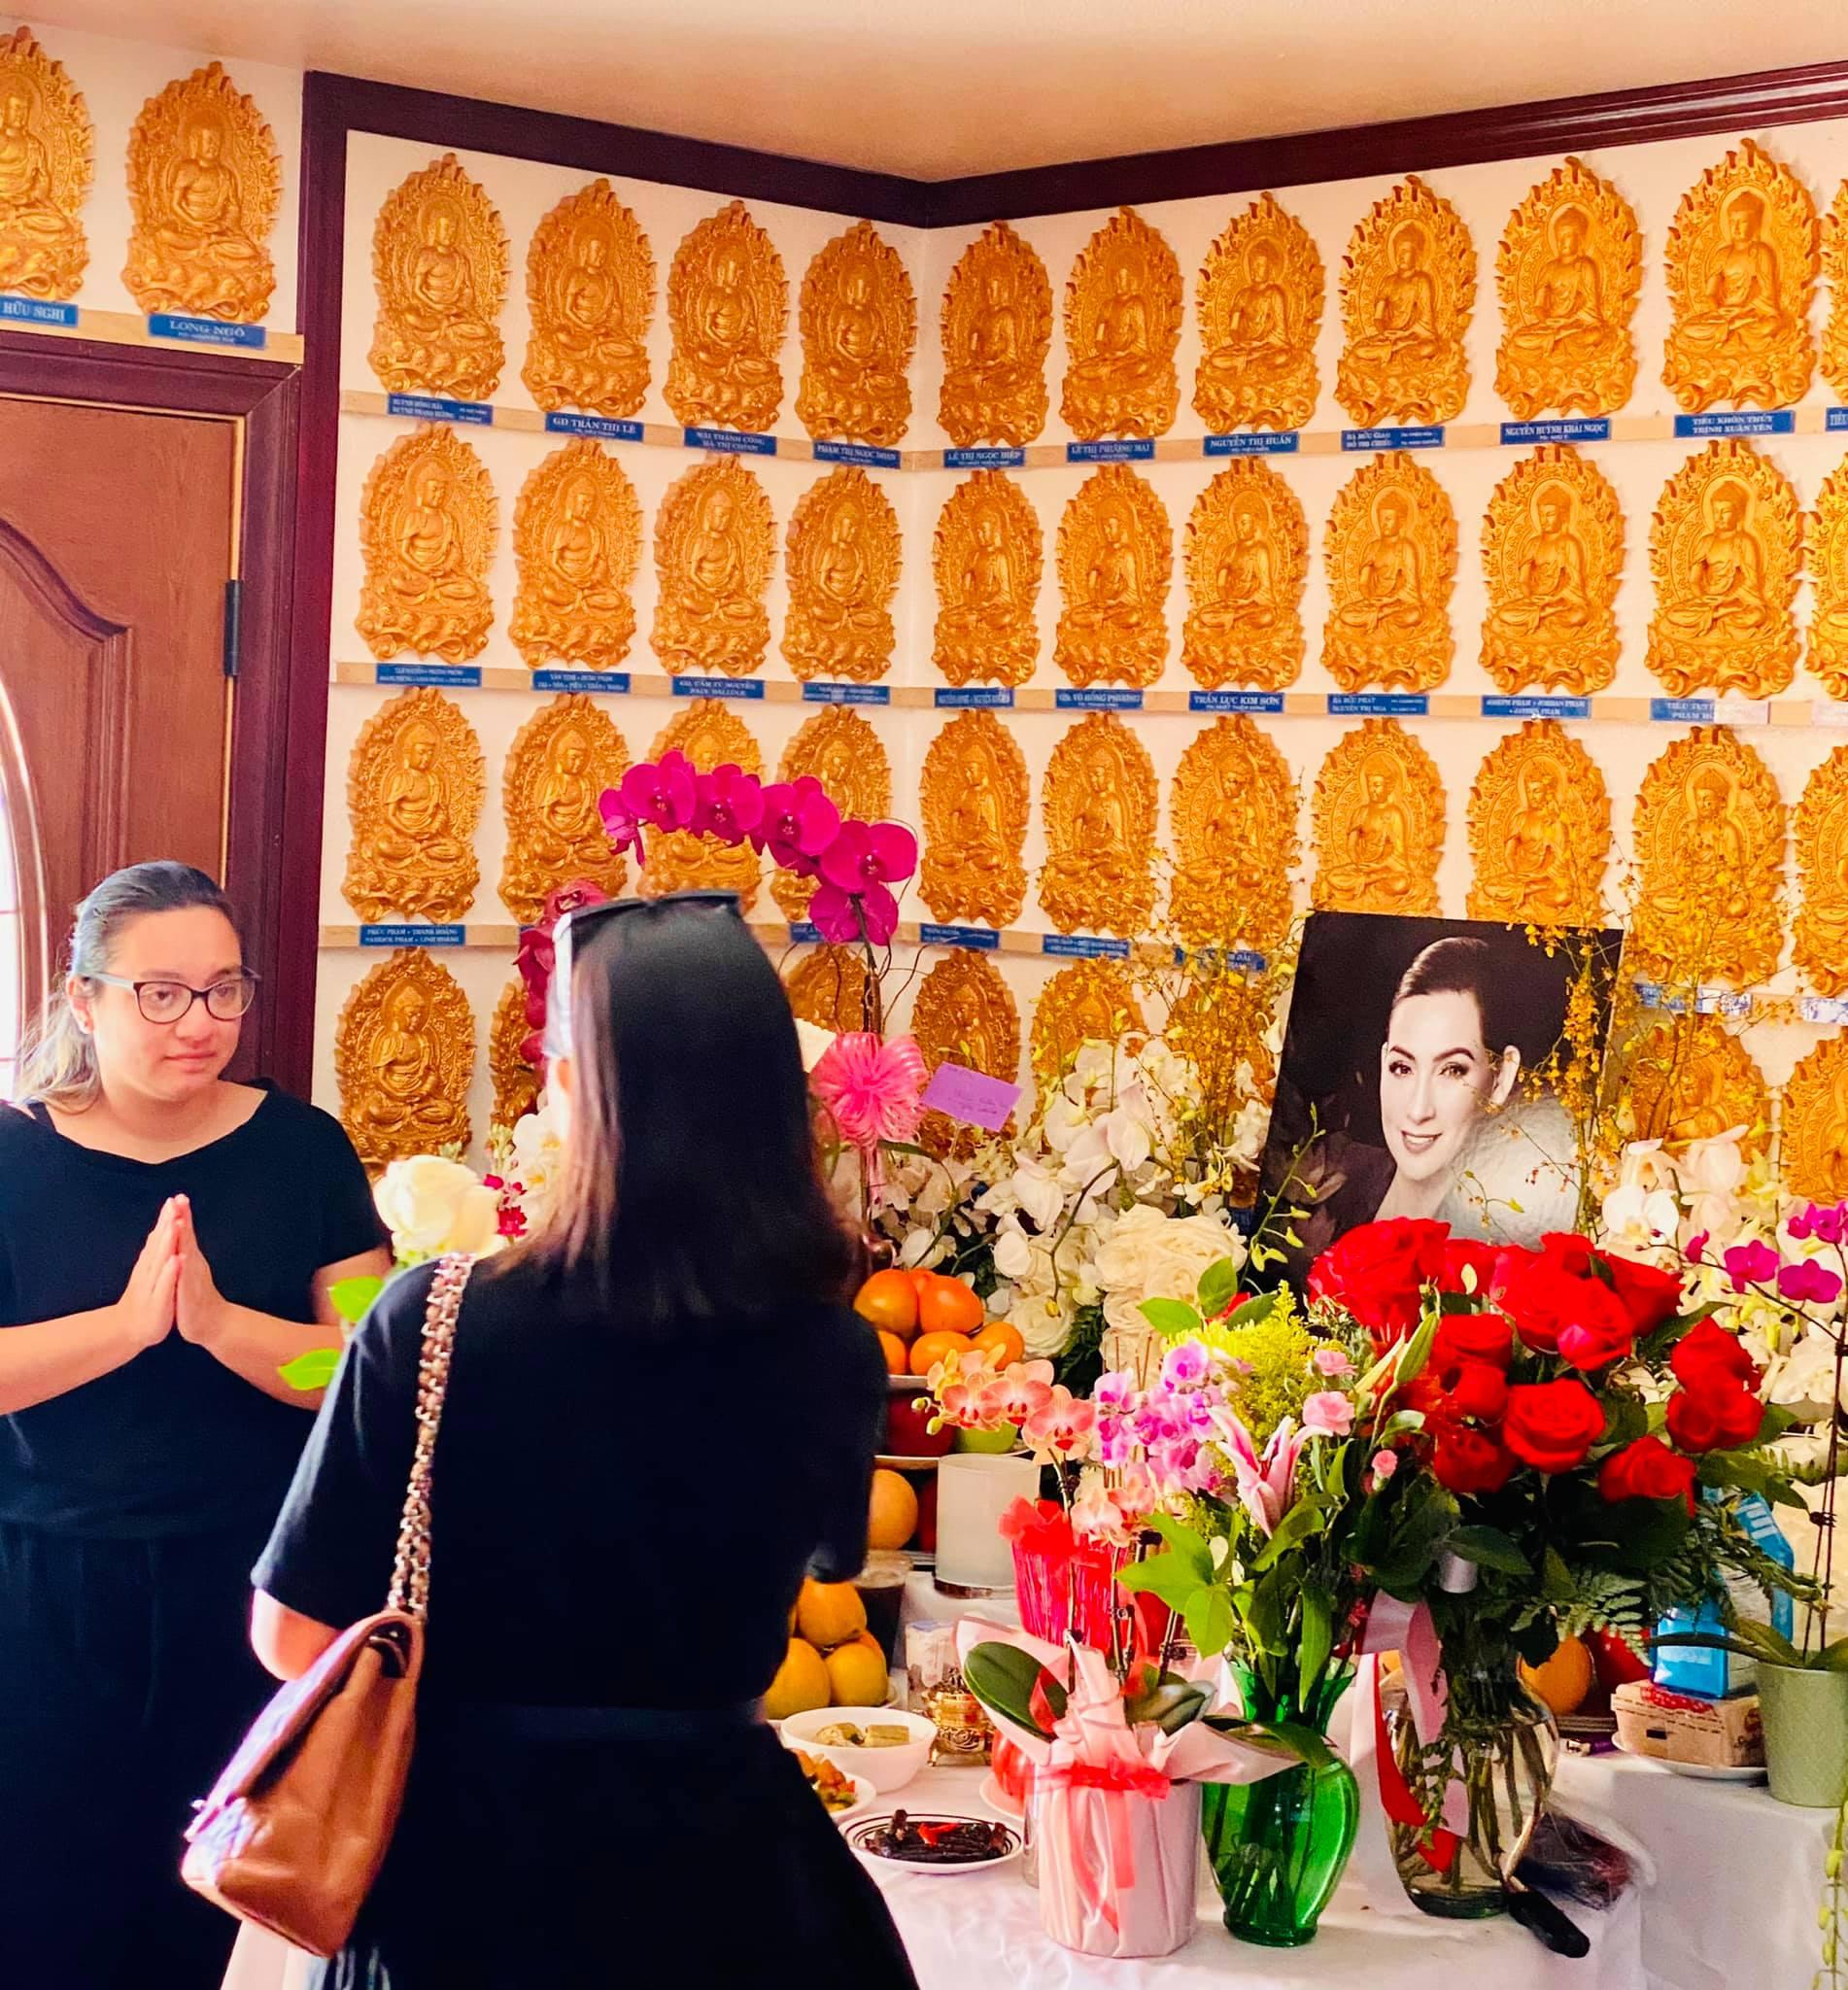 Con gái Phi Nhung lộ diện xanh xao, đôi mắt sưng húp trong tang lễ của mẹ tại Mỹ - Ảnh 3